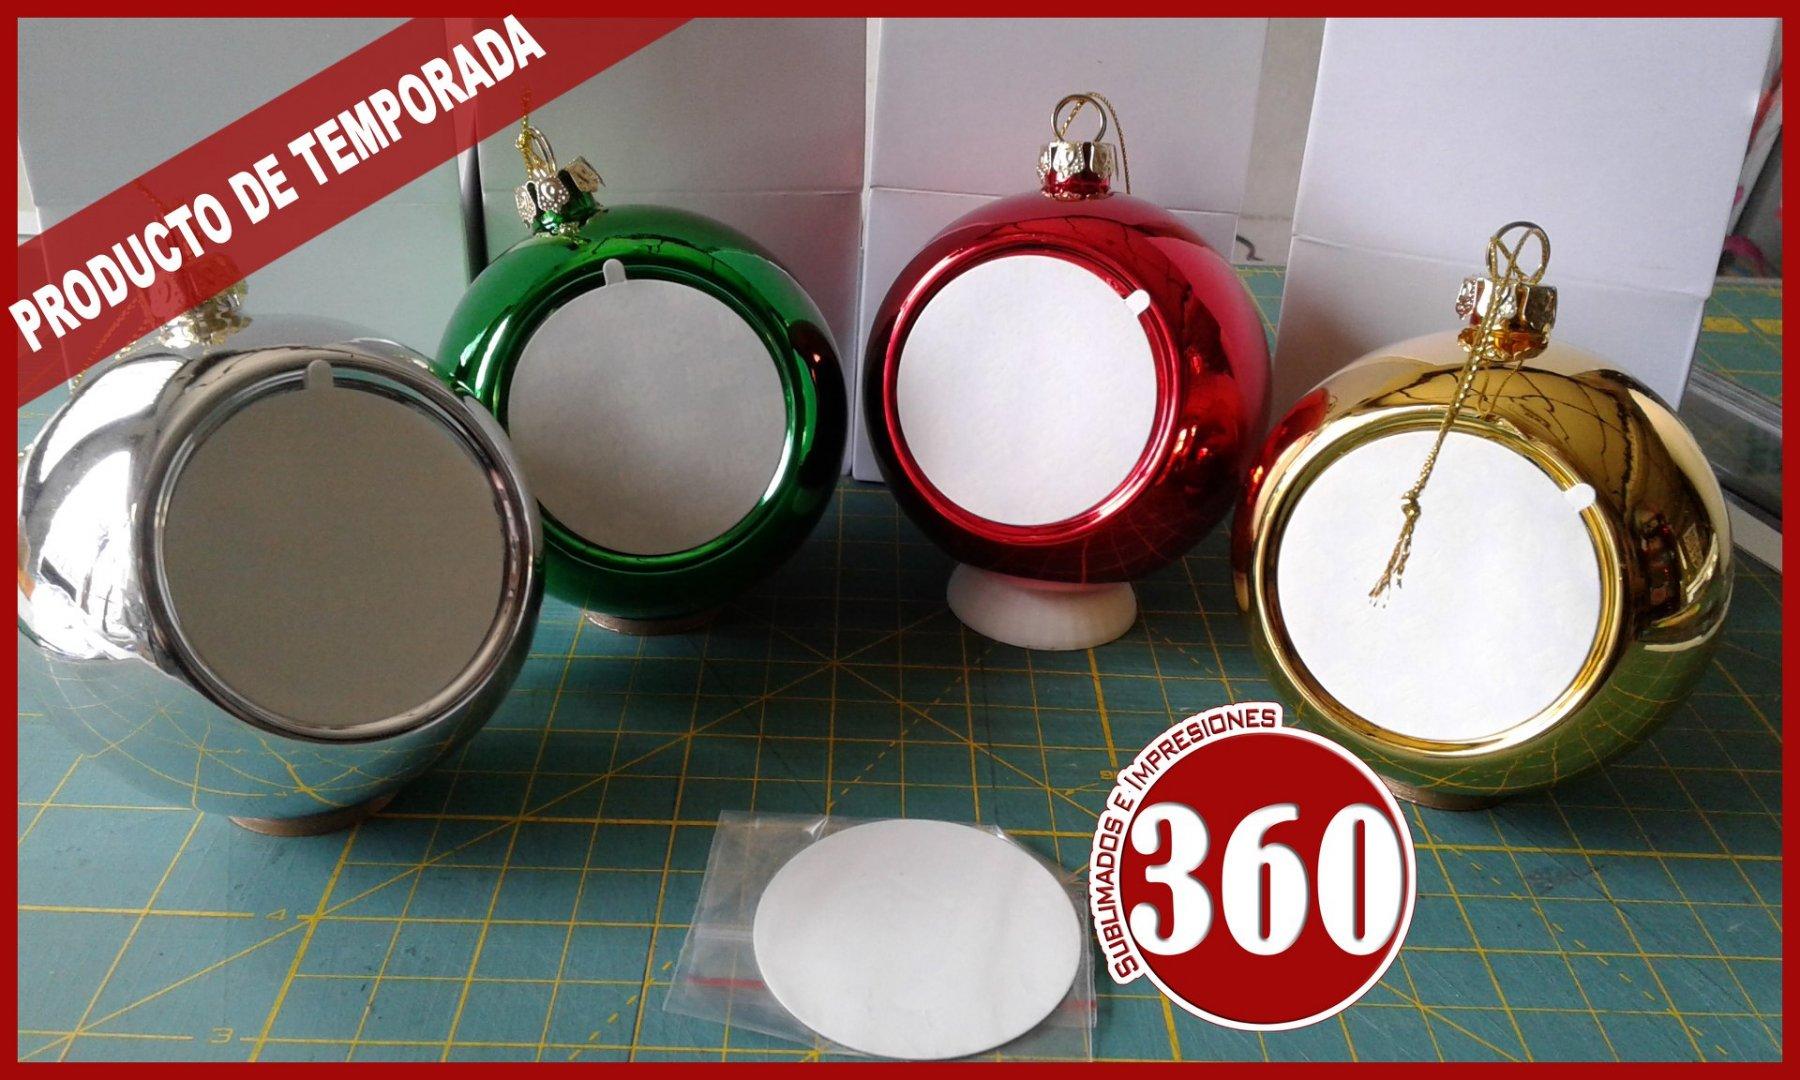 Amarillas-CR-Sublimados-e-Impresión-360-5